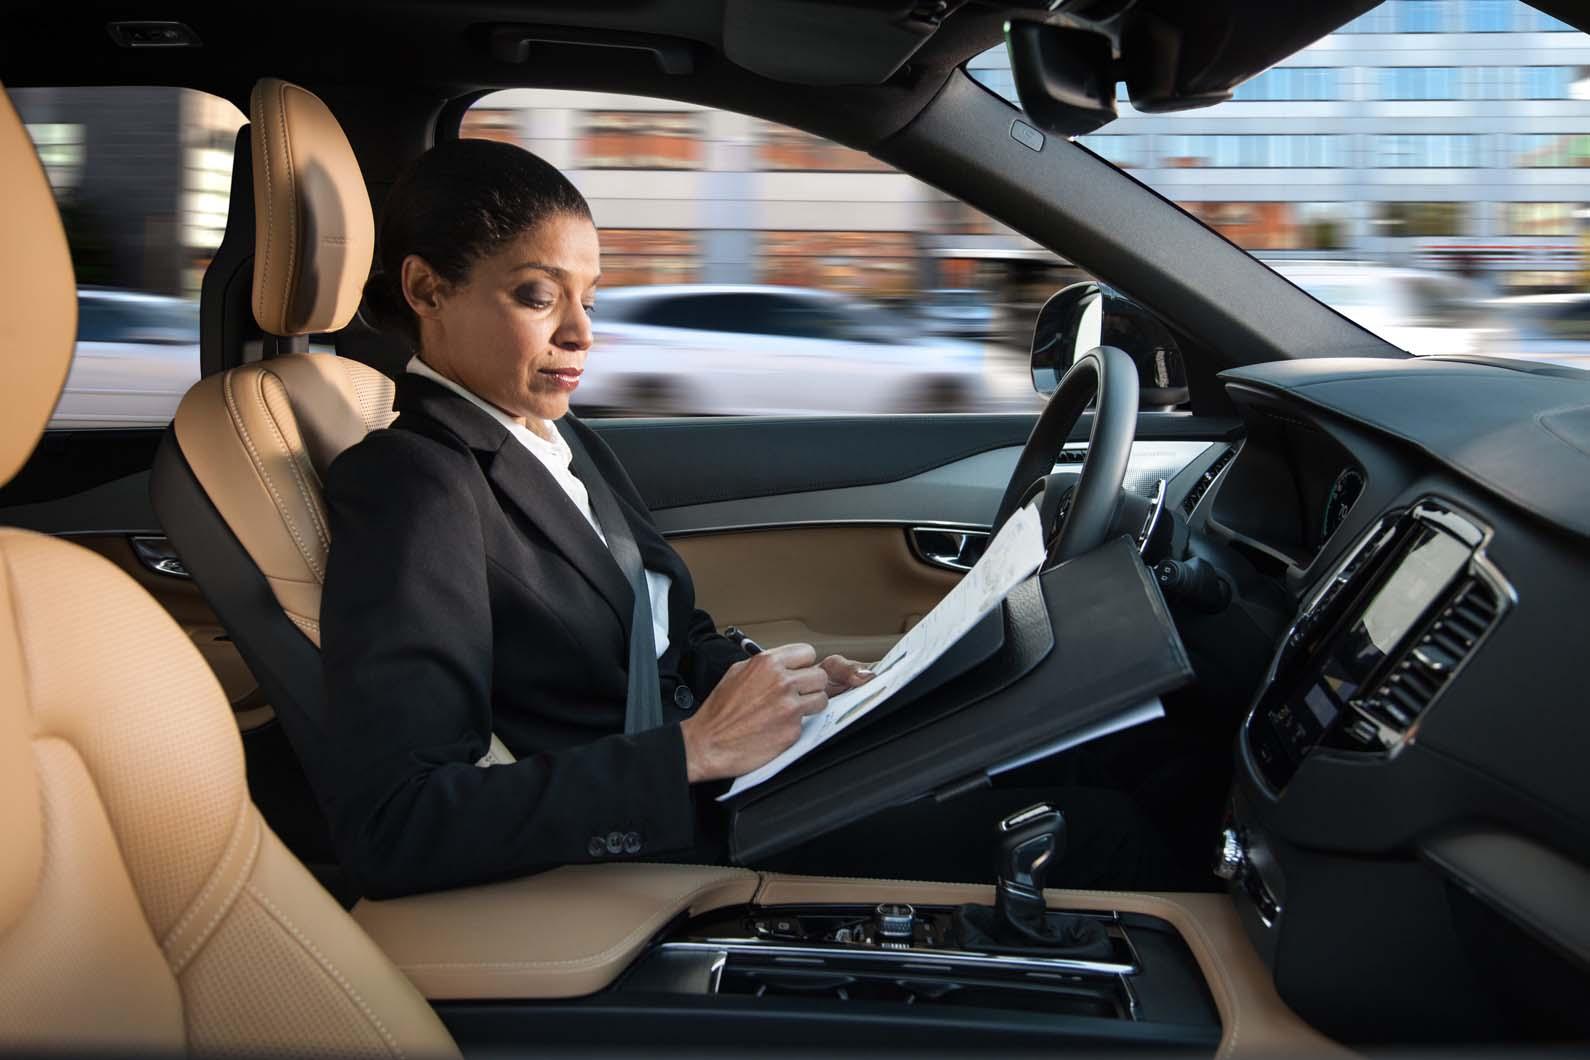 Autos autónomos: el futuro del transporte